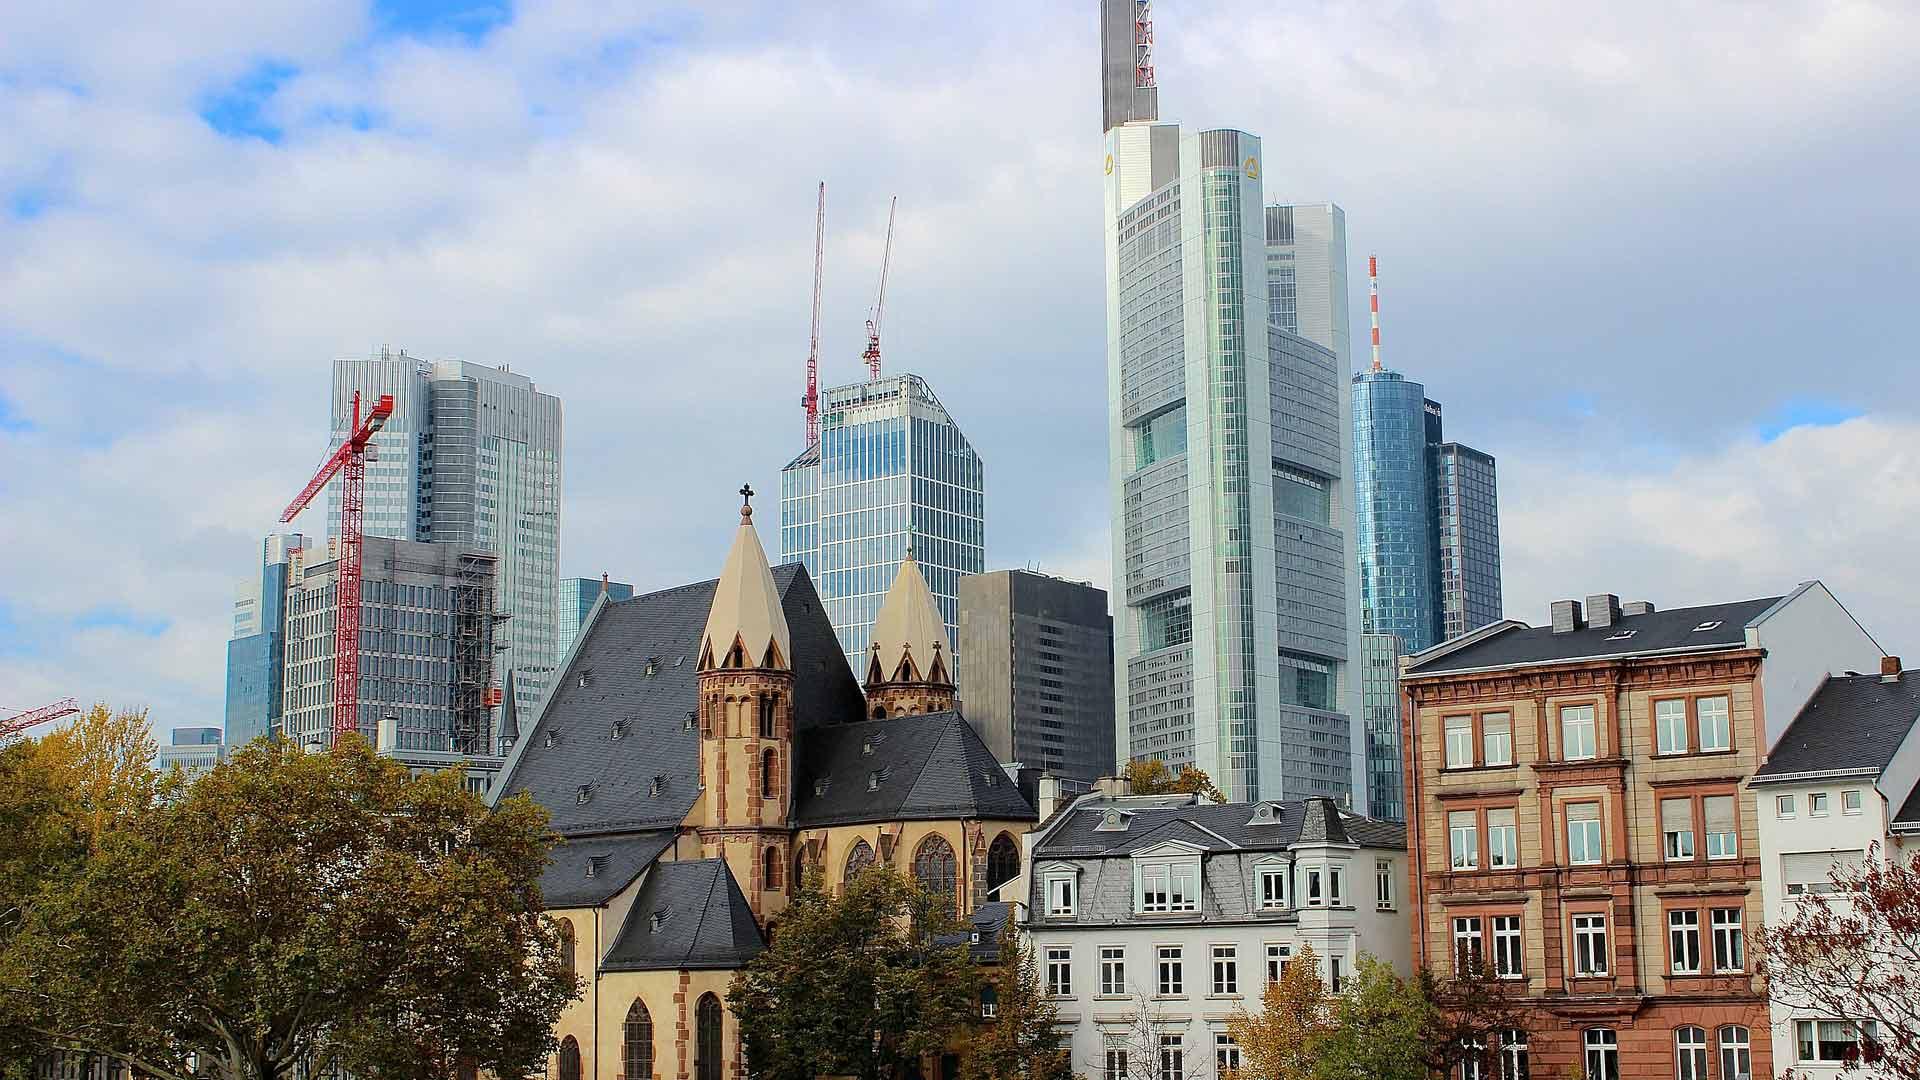 In Frankfurt am Main gaan oud en nieuw hand in hand.